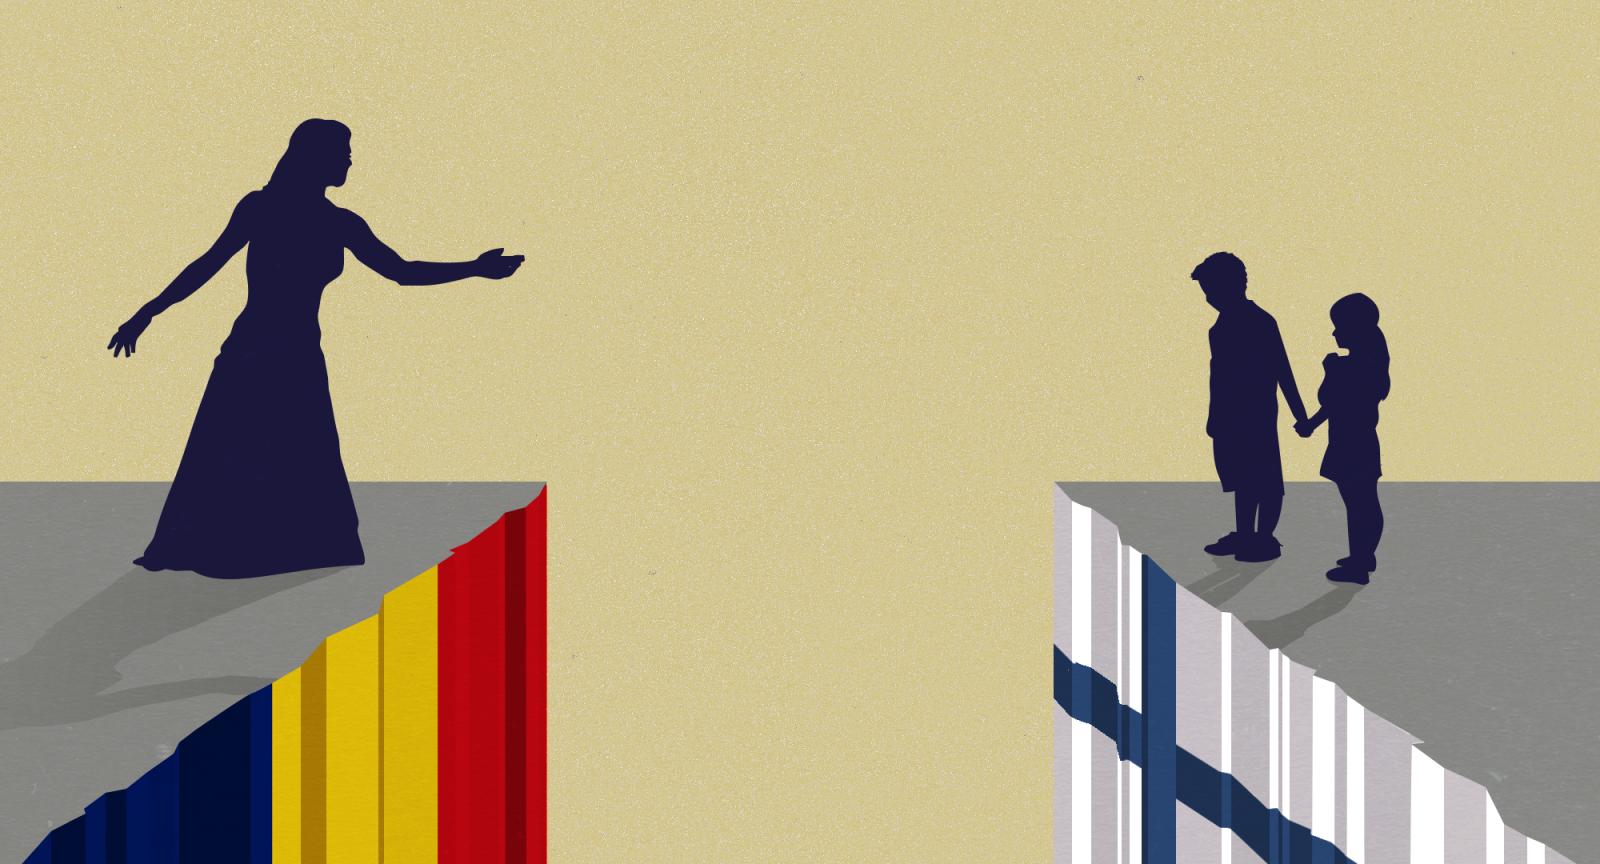 Mămică cu obligații vs. cu drepturi